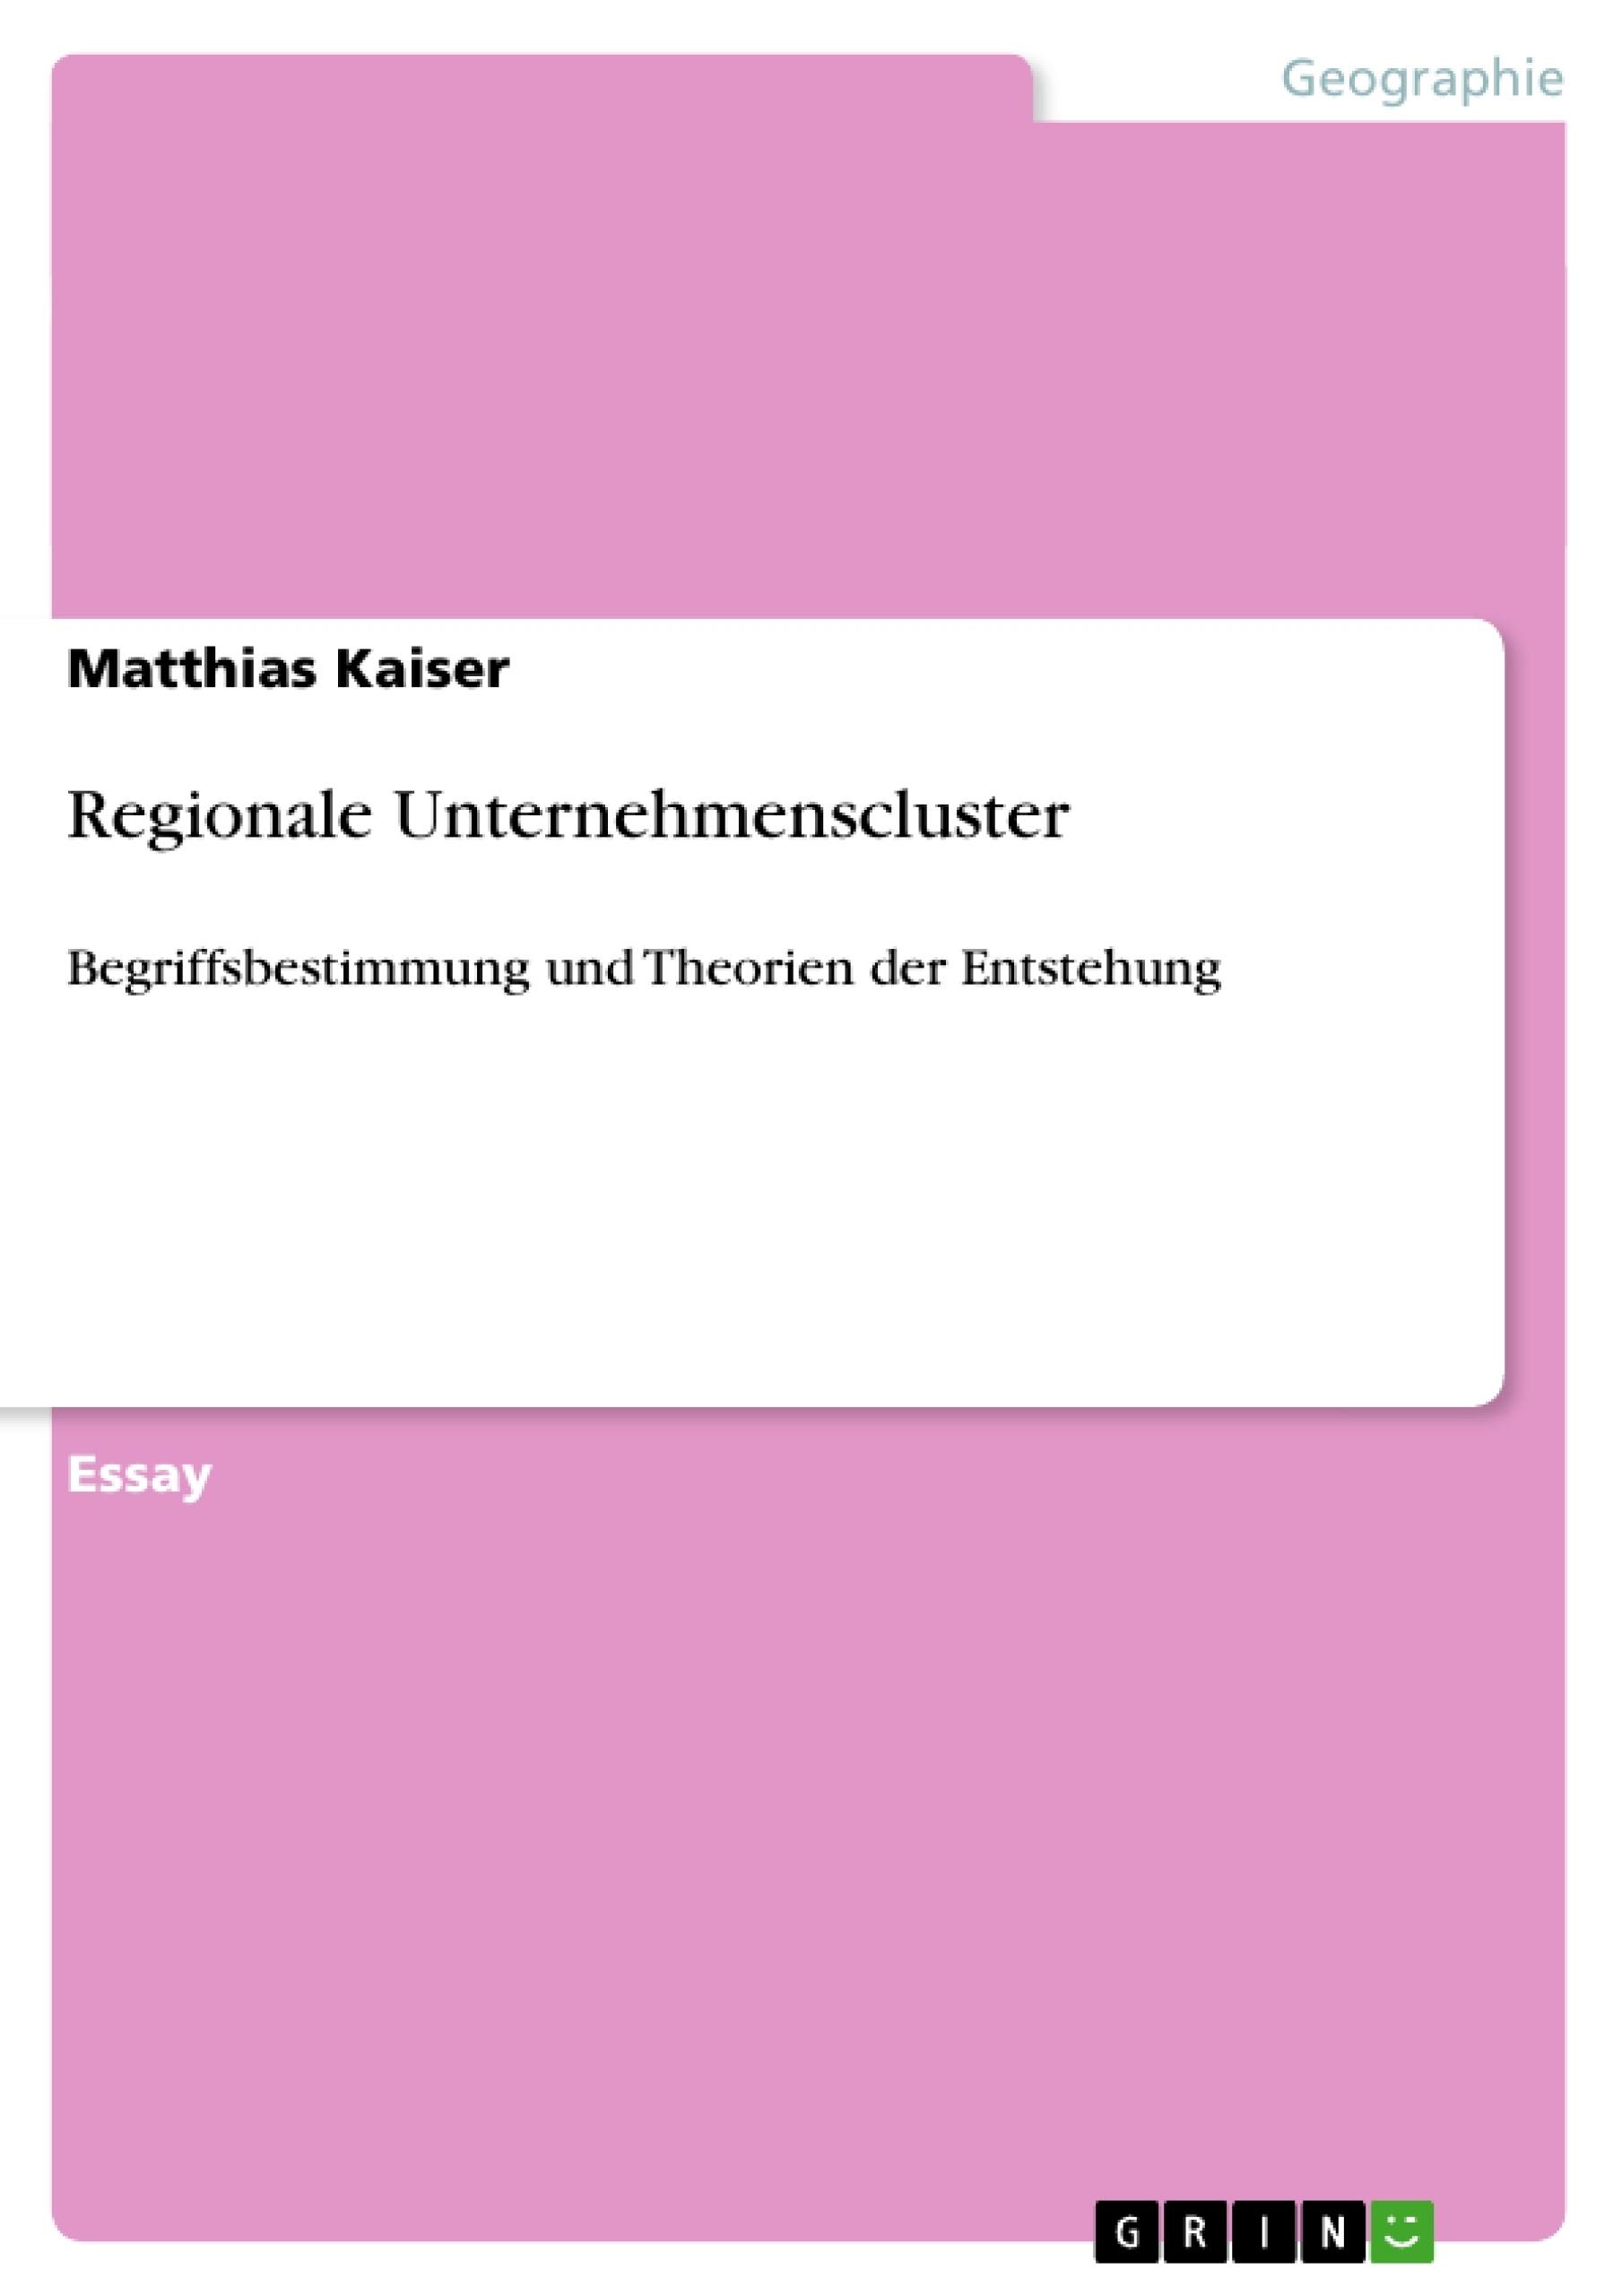 Titel: Regionale Unternehmenscluster